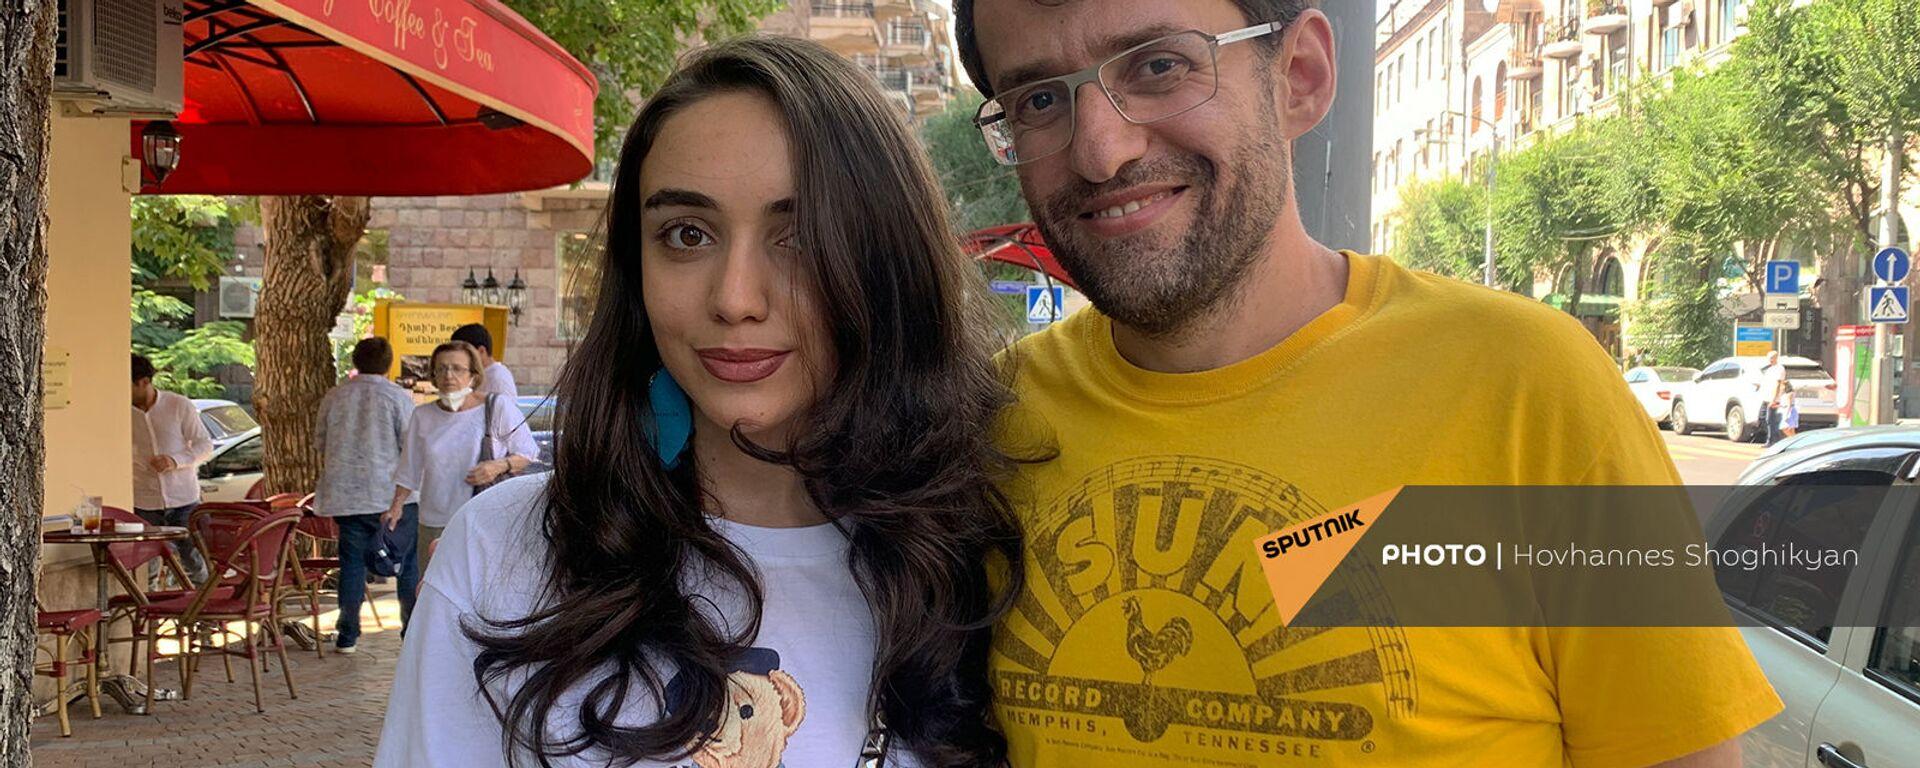 Լևոն Արոնյանն ընկերուհու՝ Անիտա Այվազյանի հետ։ - Sputnik Արմենիա, 1920, 26.07.2021